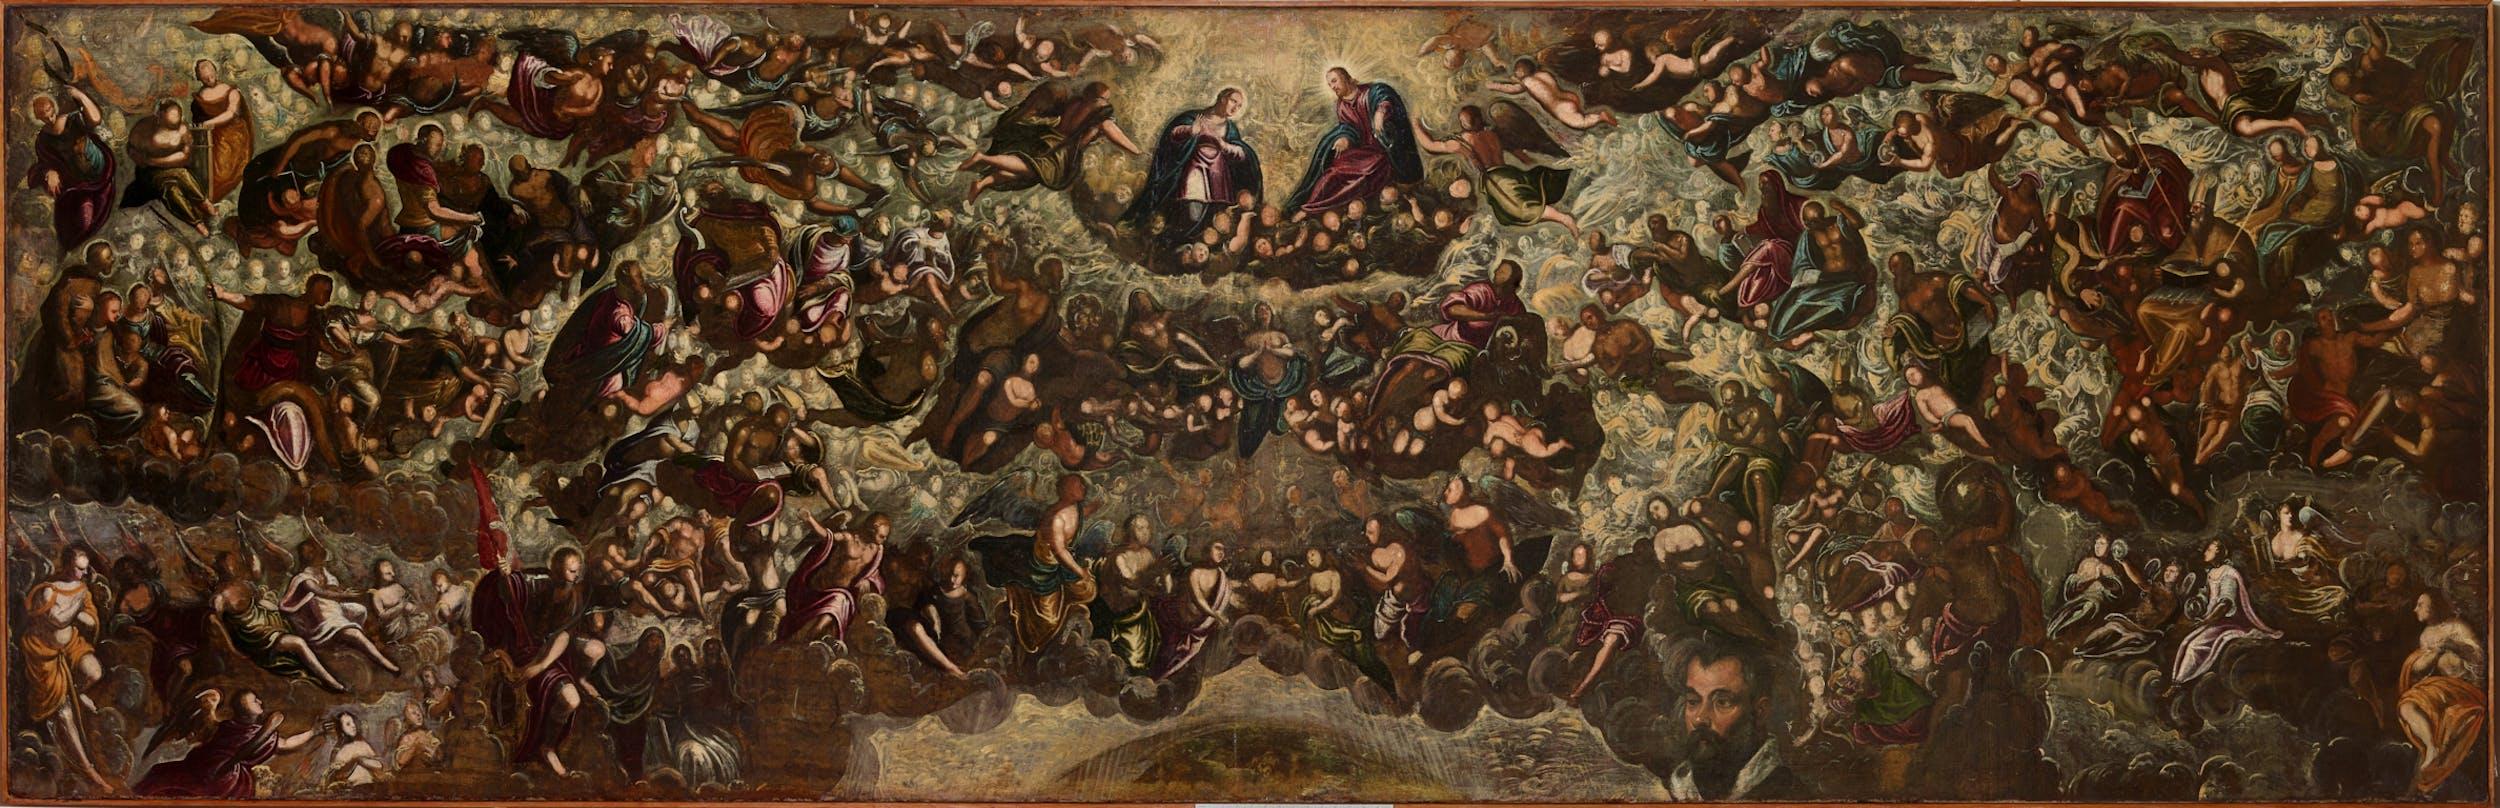 Tintoretto (Venezia, 1518 – 1594) Paradiso (bozzetto) 1588-1592 olio su tela, 150 x 450 cm Collezione Intesa Sanpaolo Venezia – Fondazione Querini Stampalia in comodato